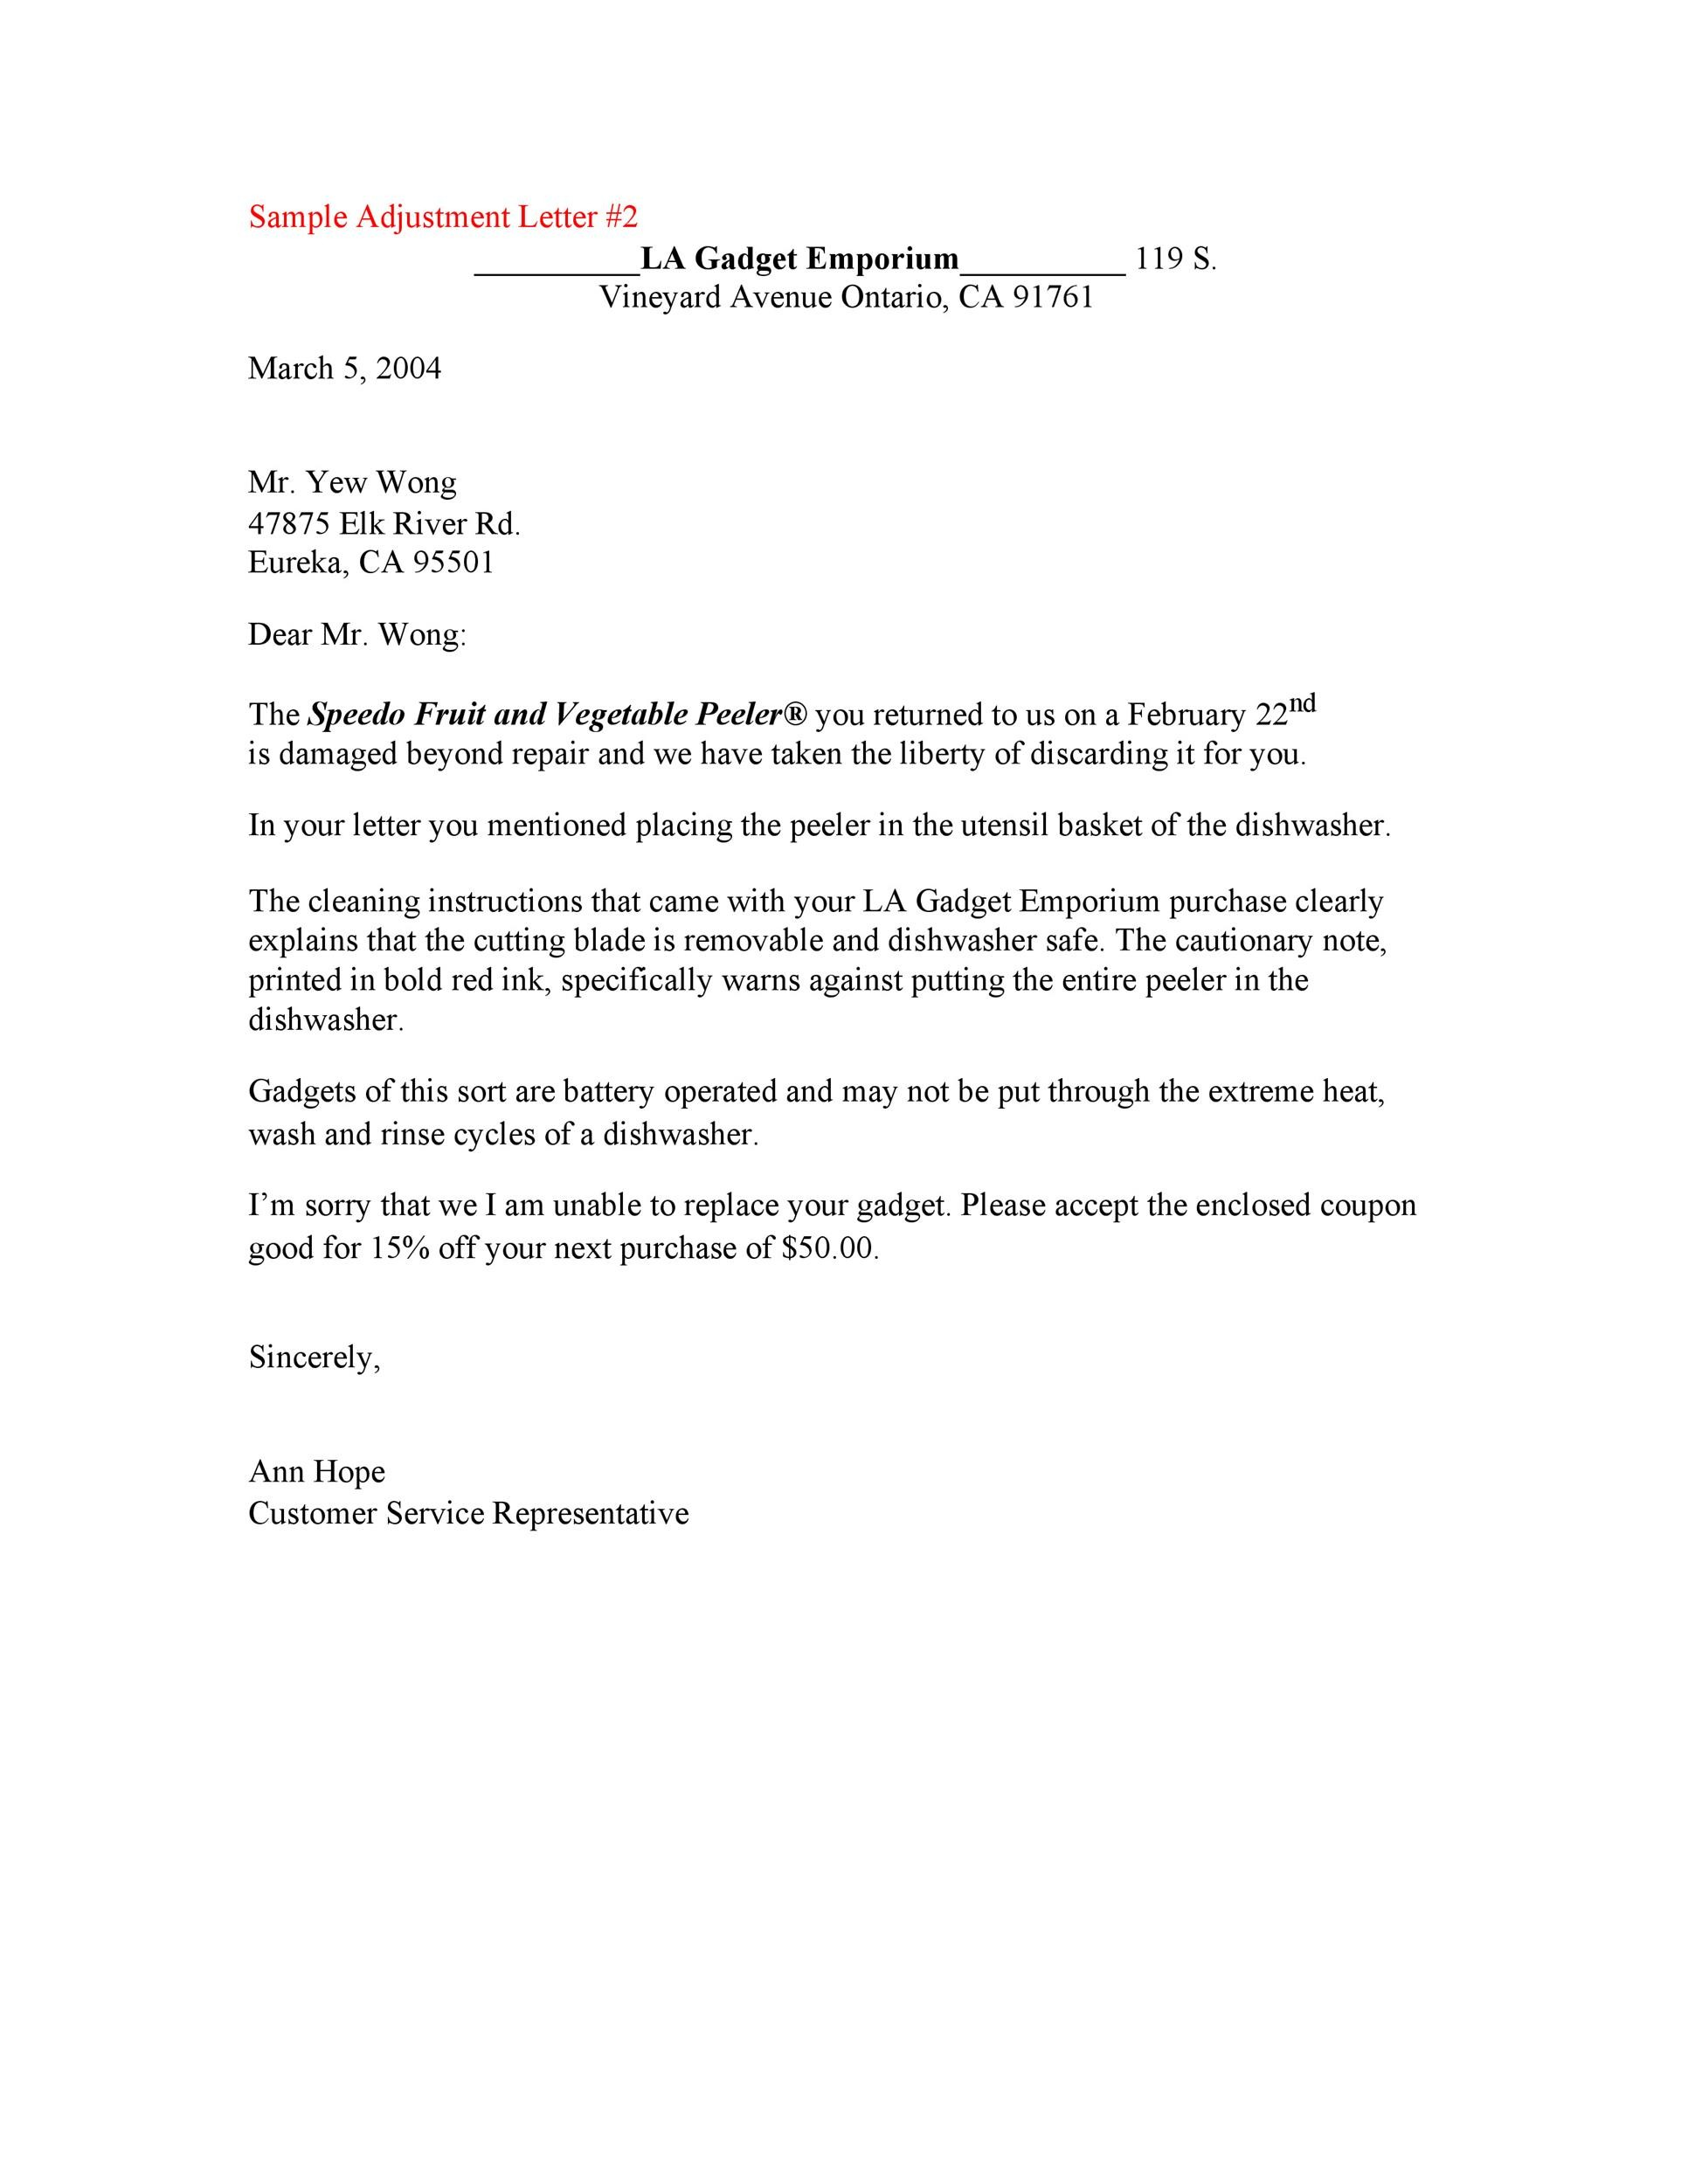 Free adjustment letter 01